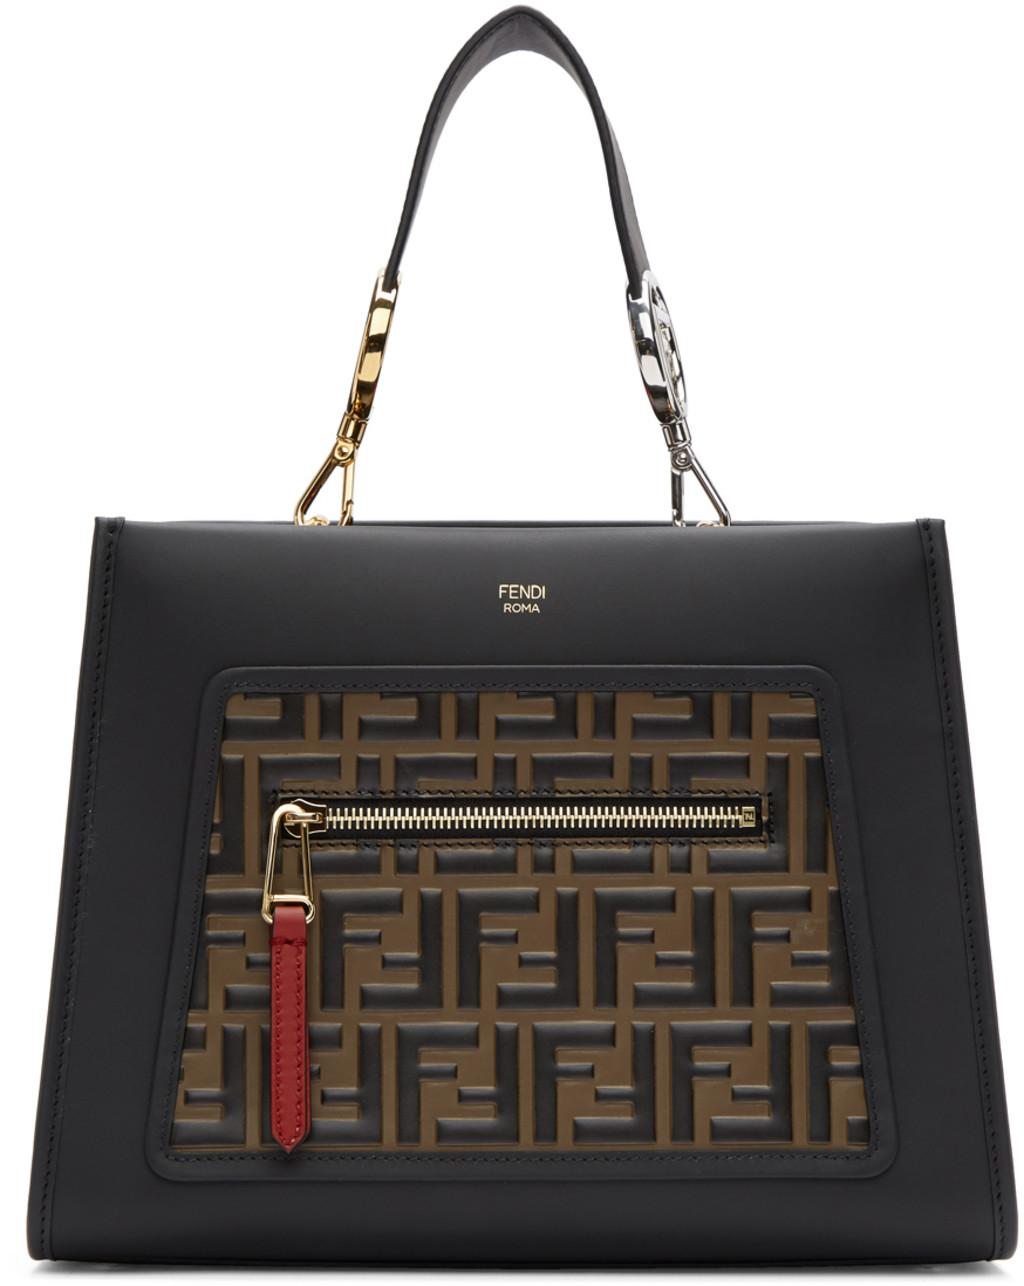 Fendi Bags For Women